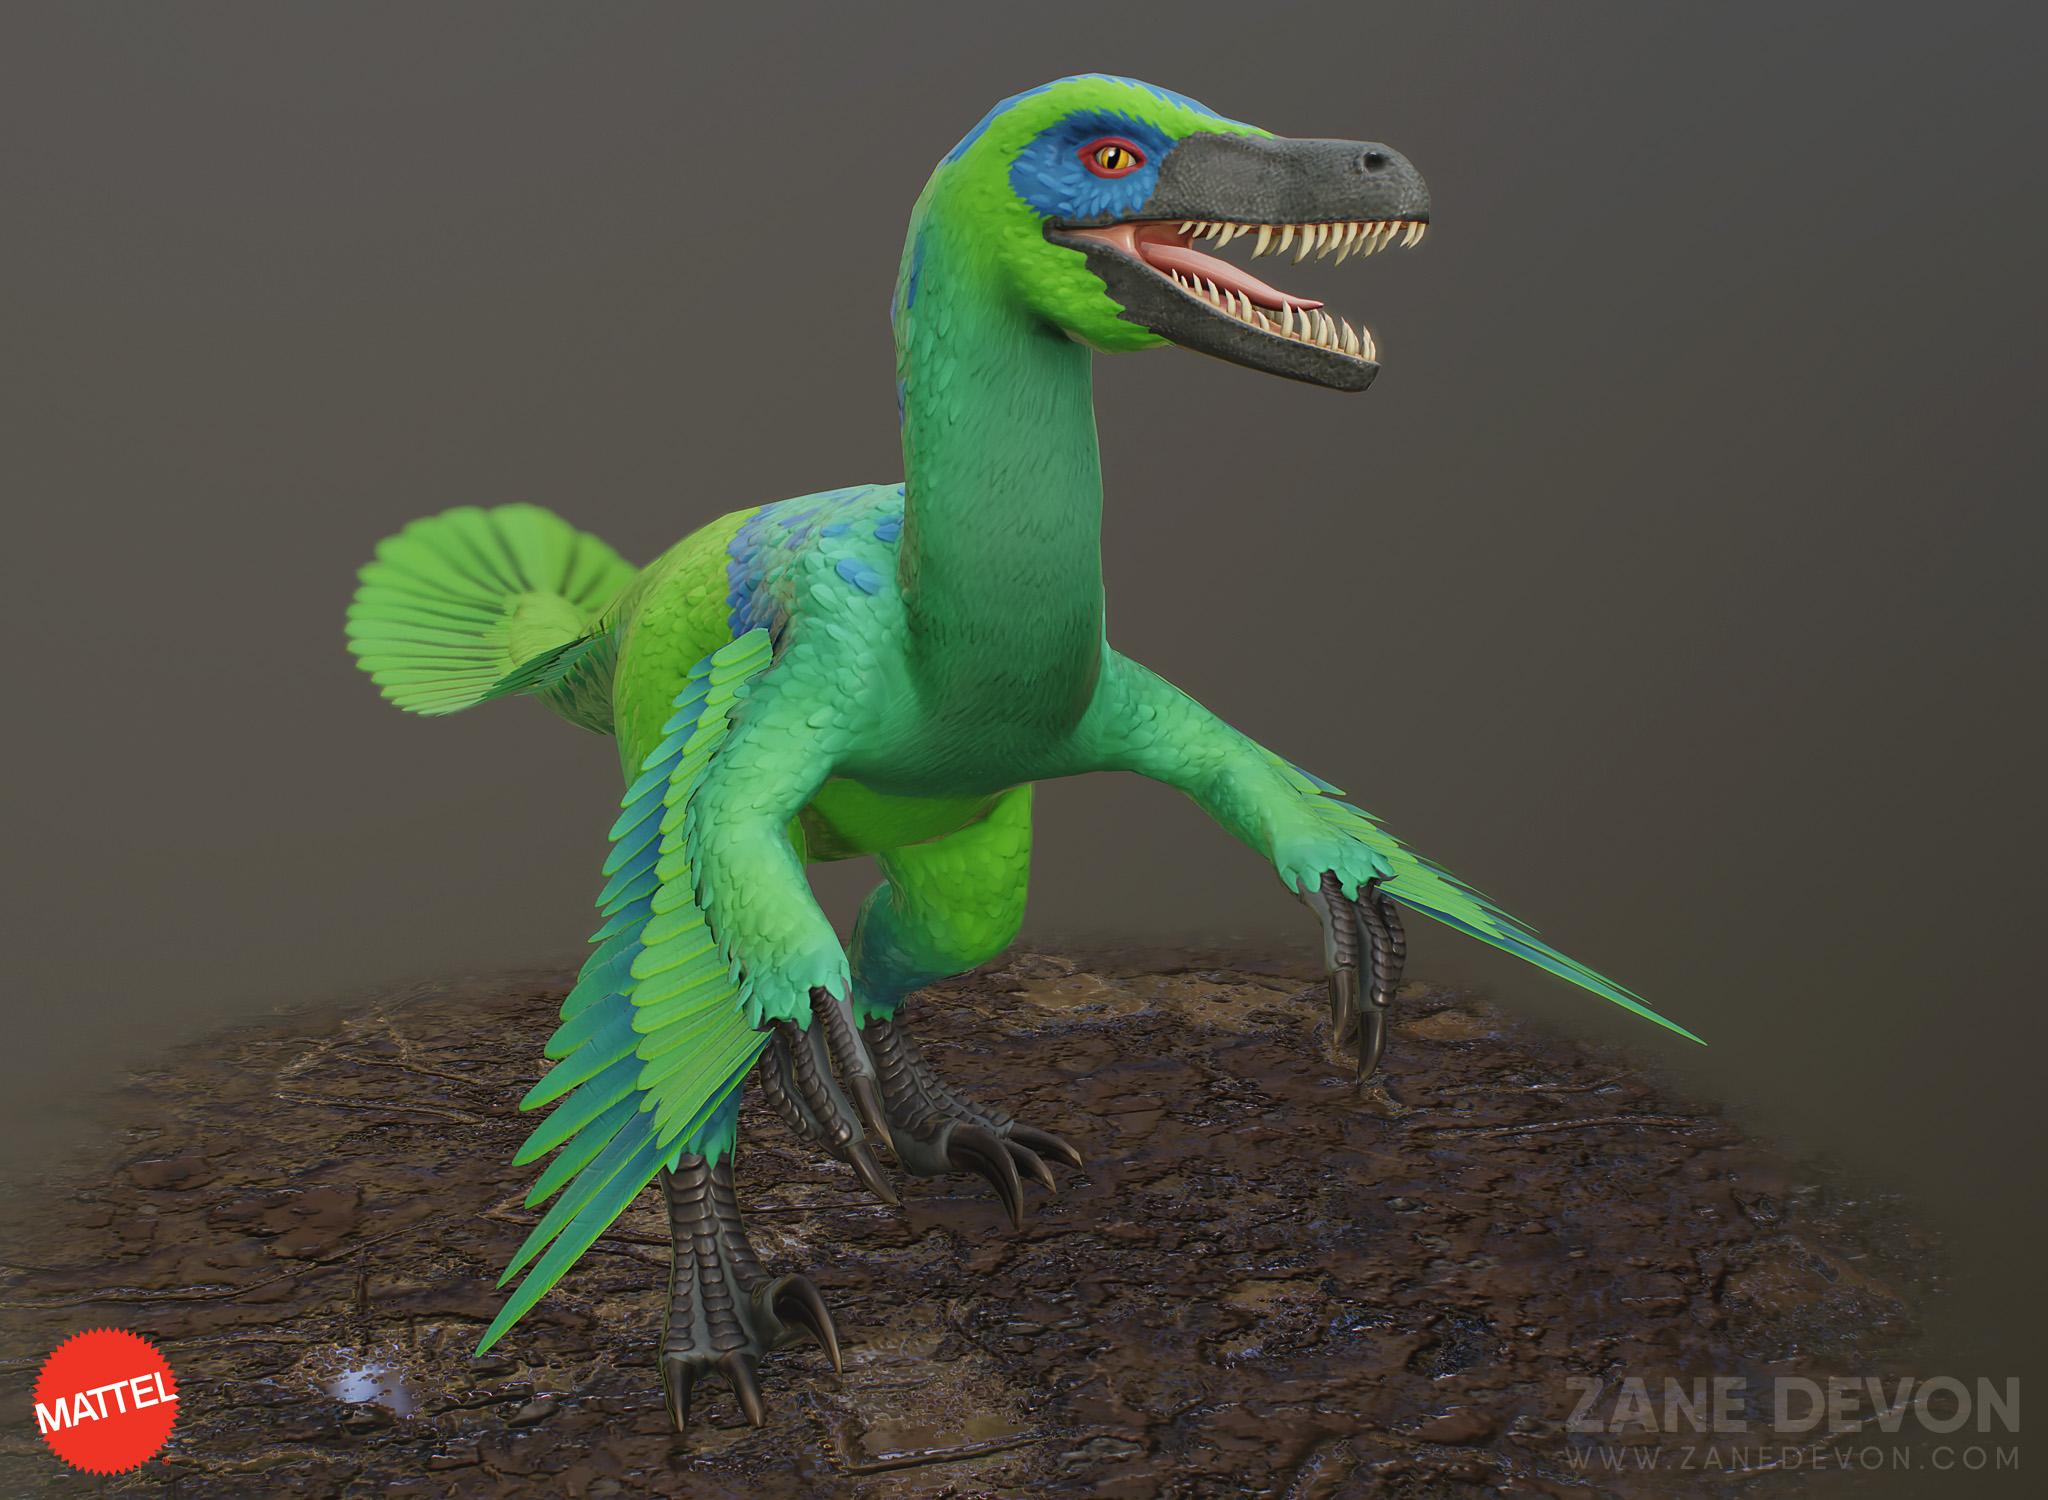 velociraptor_02.jpg